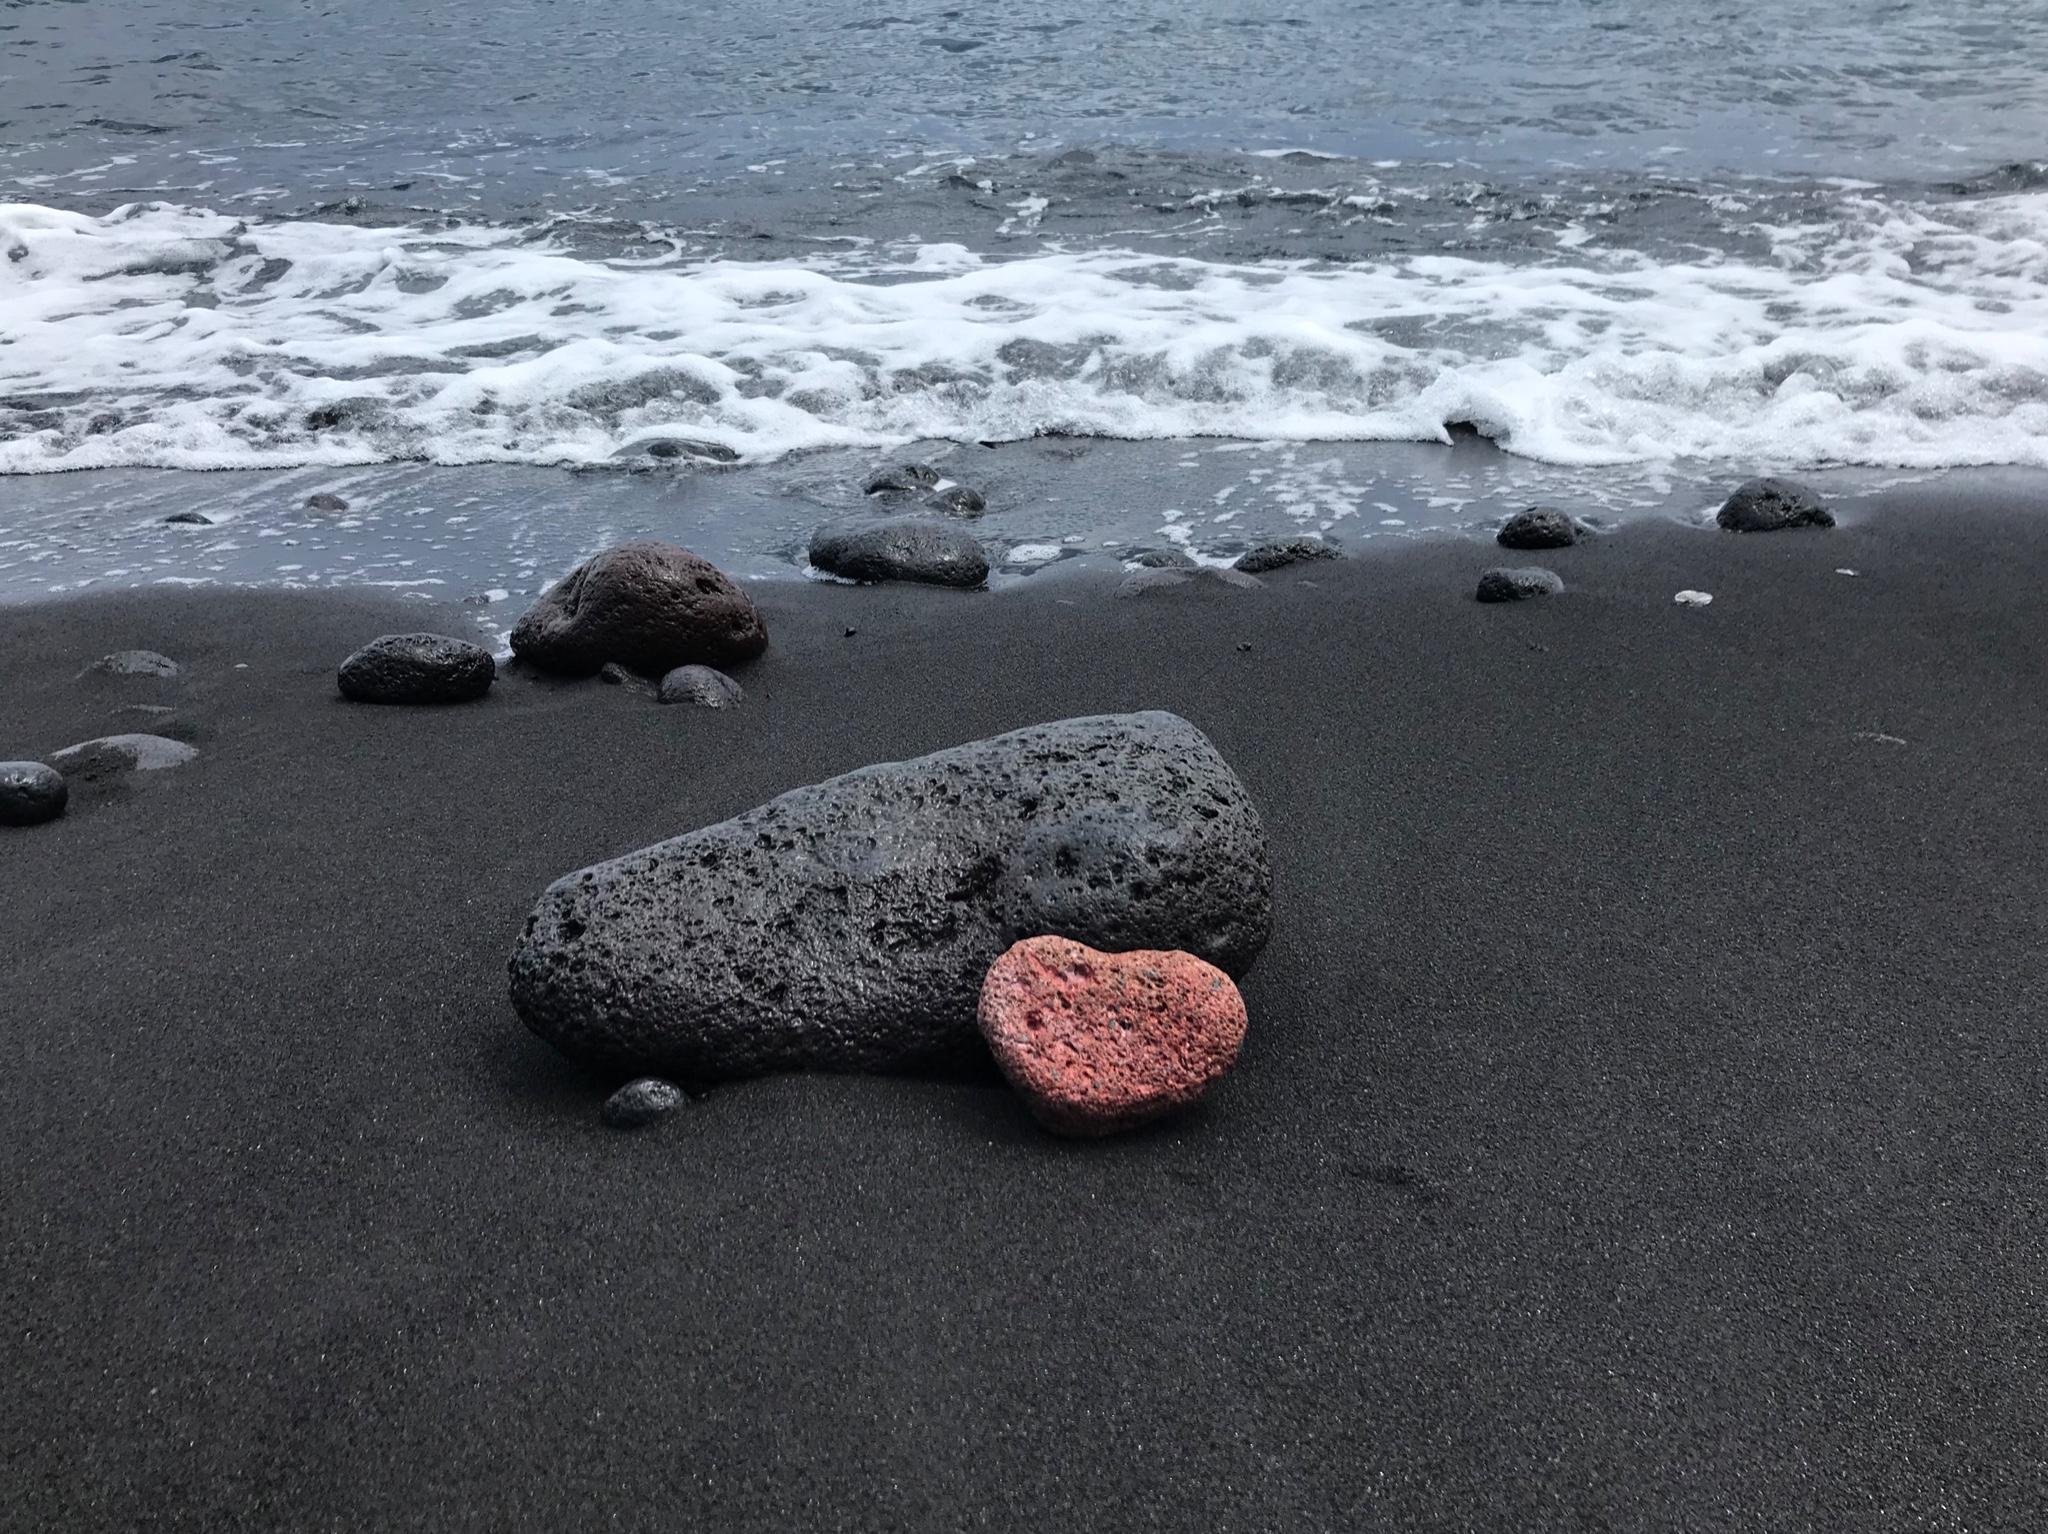 美丽传说之外,火山熔岩黑沙滩的西西里_游记